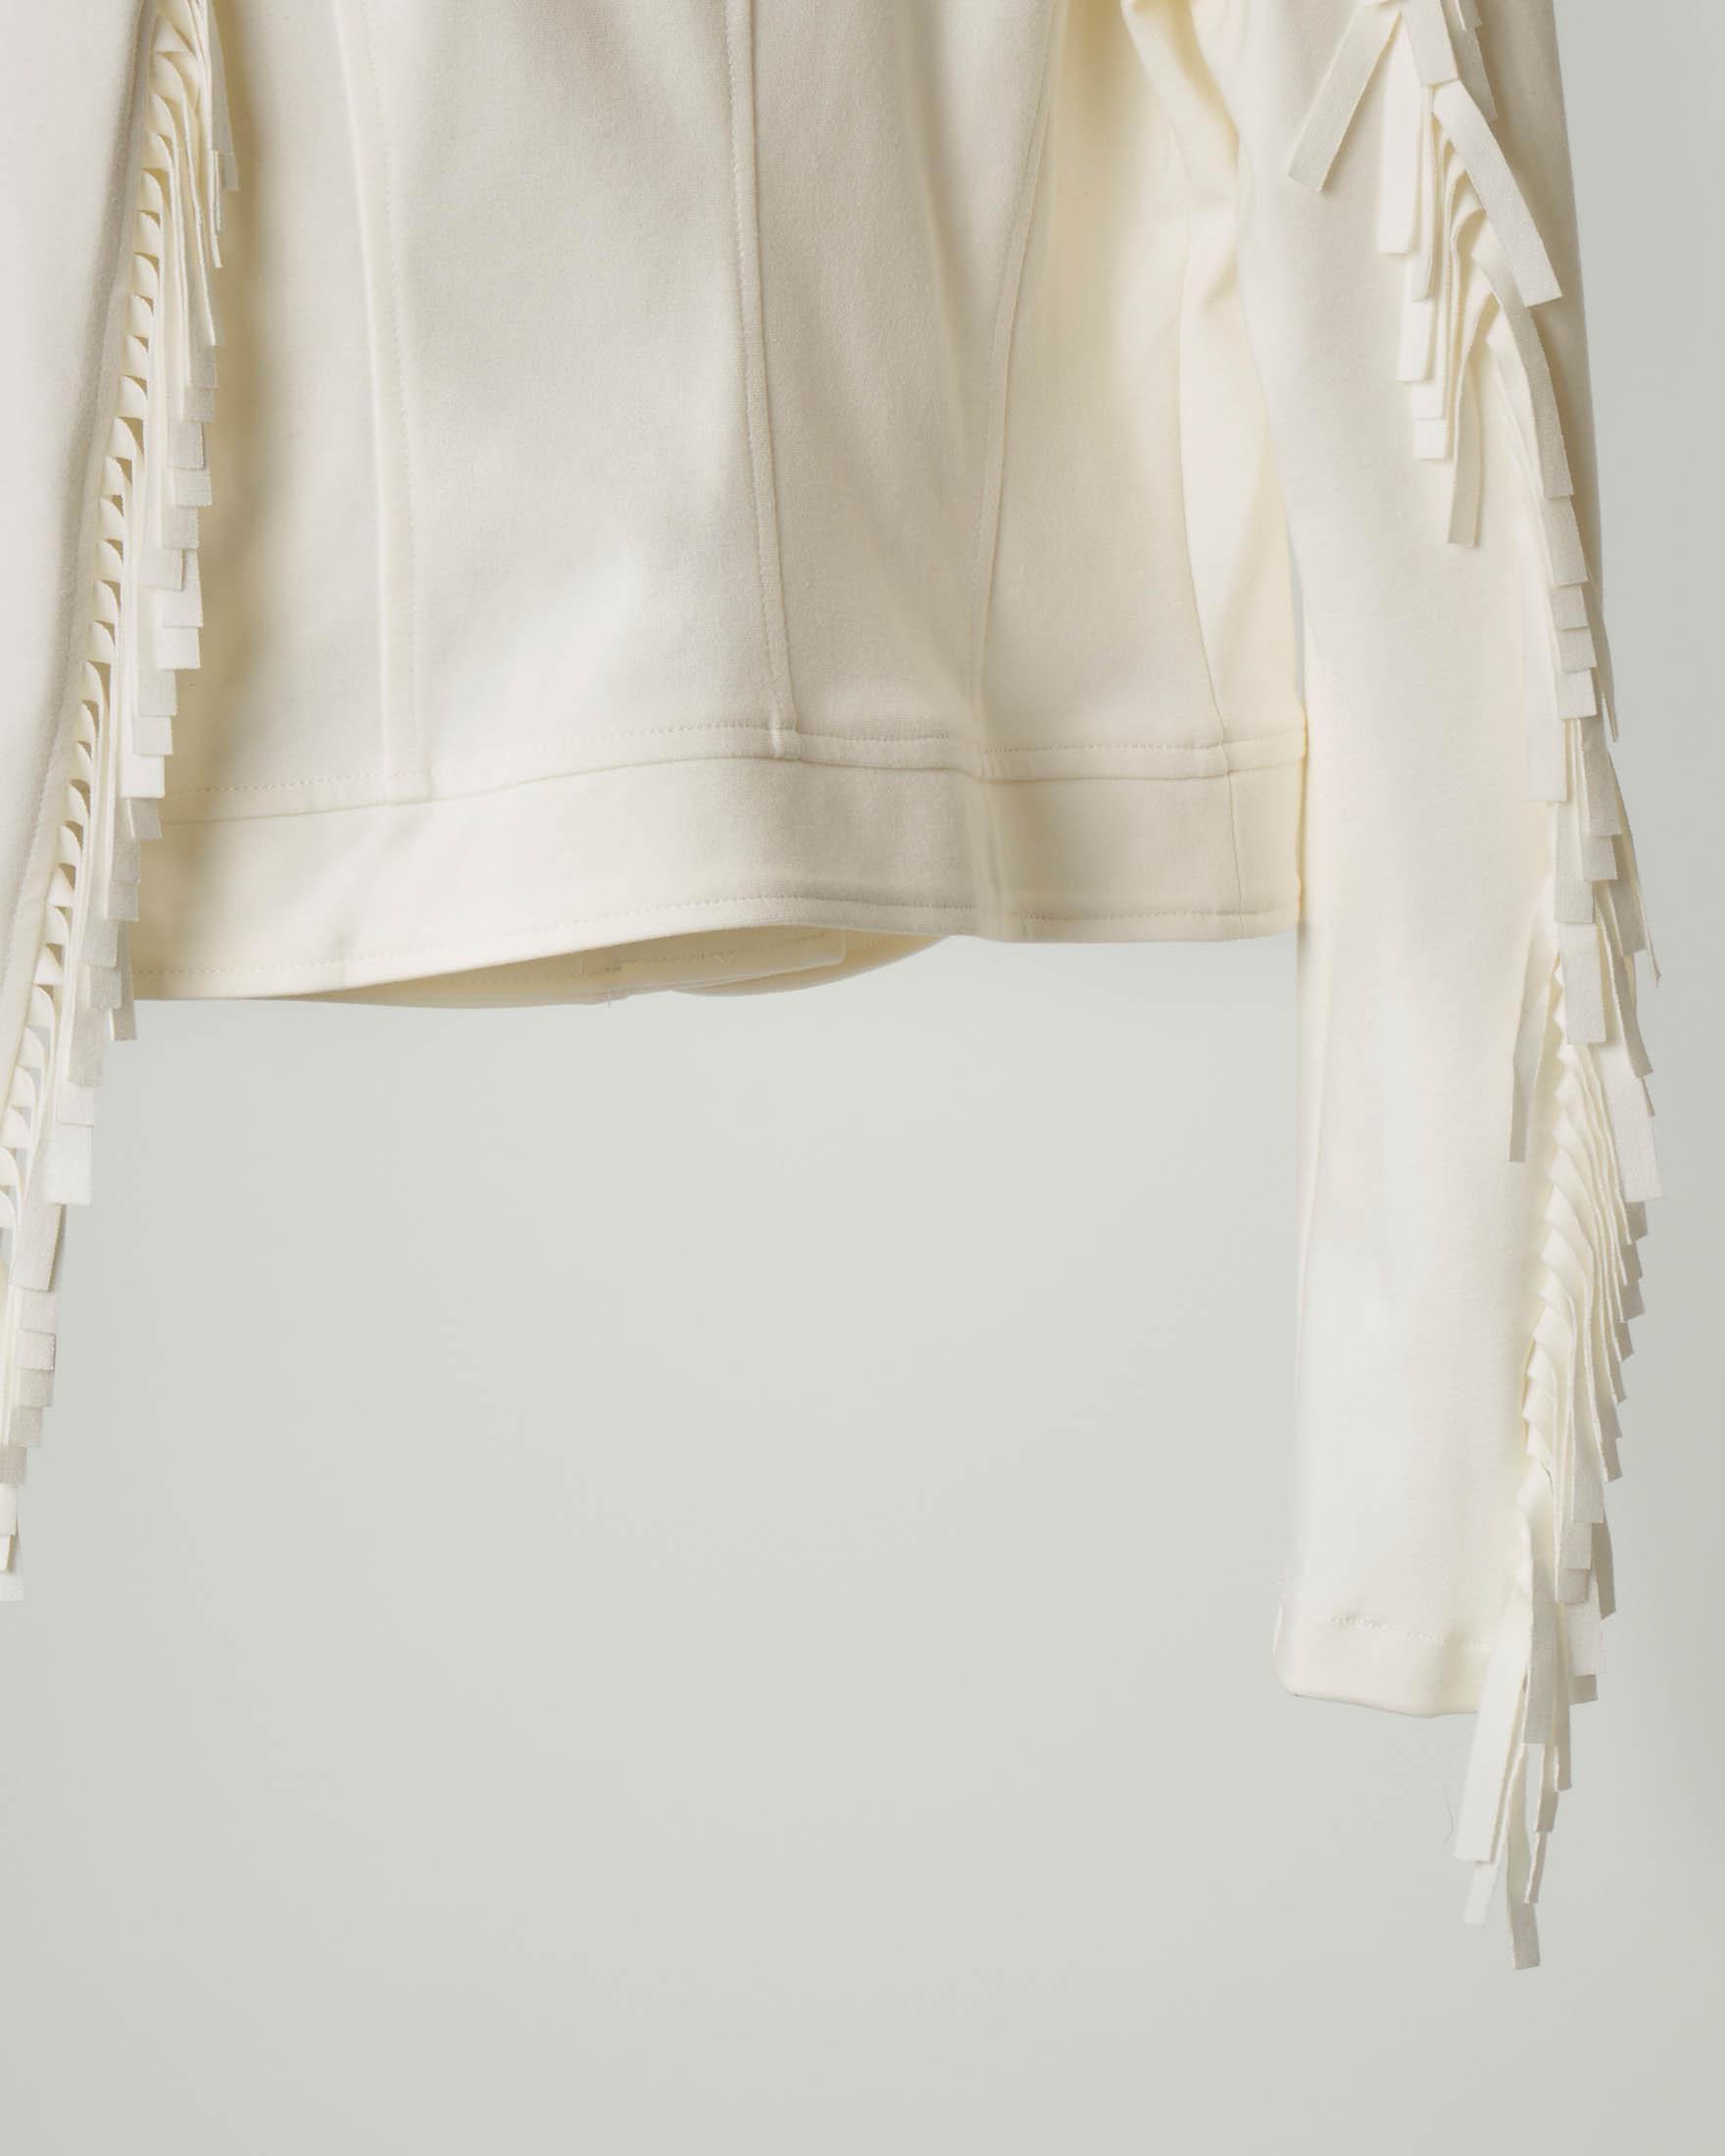 Giacca chiodo color avorio con frange sulle maniche 36-38